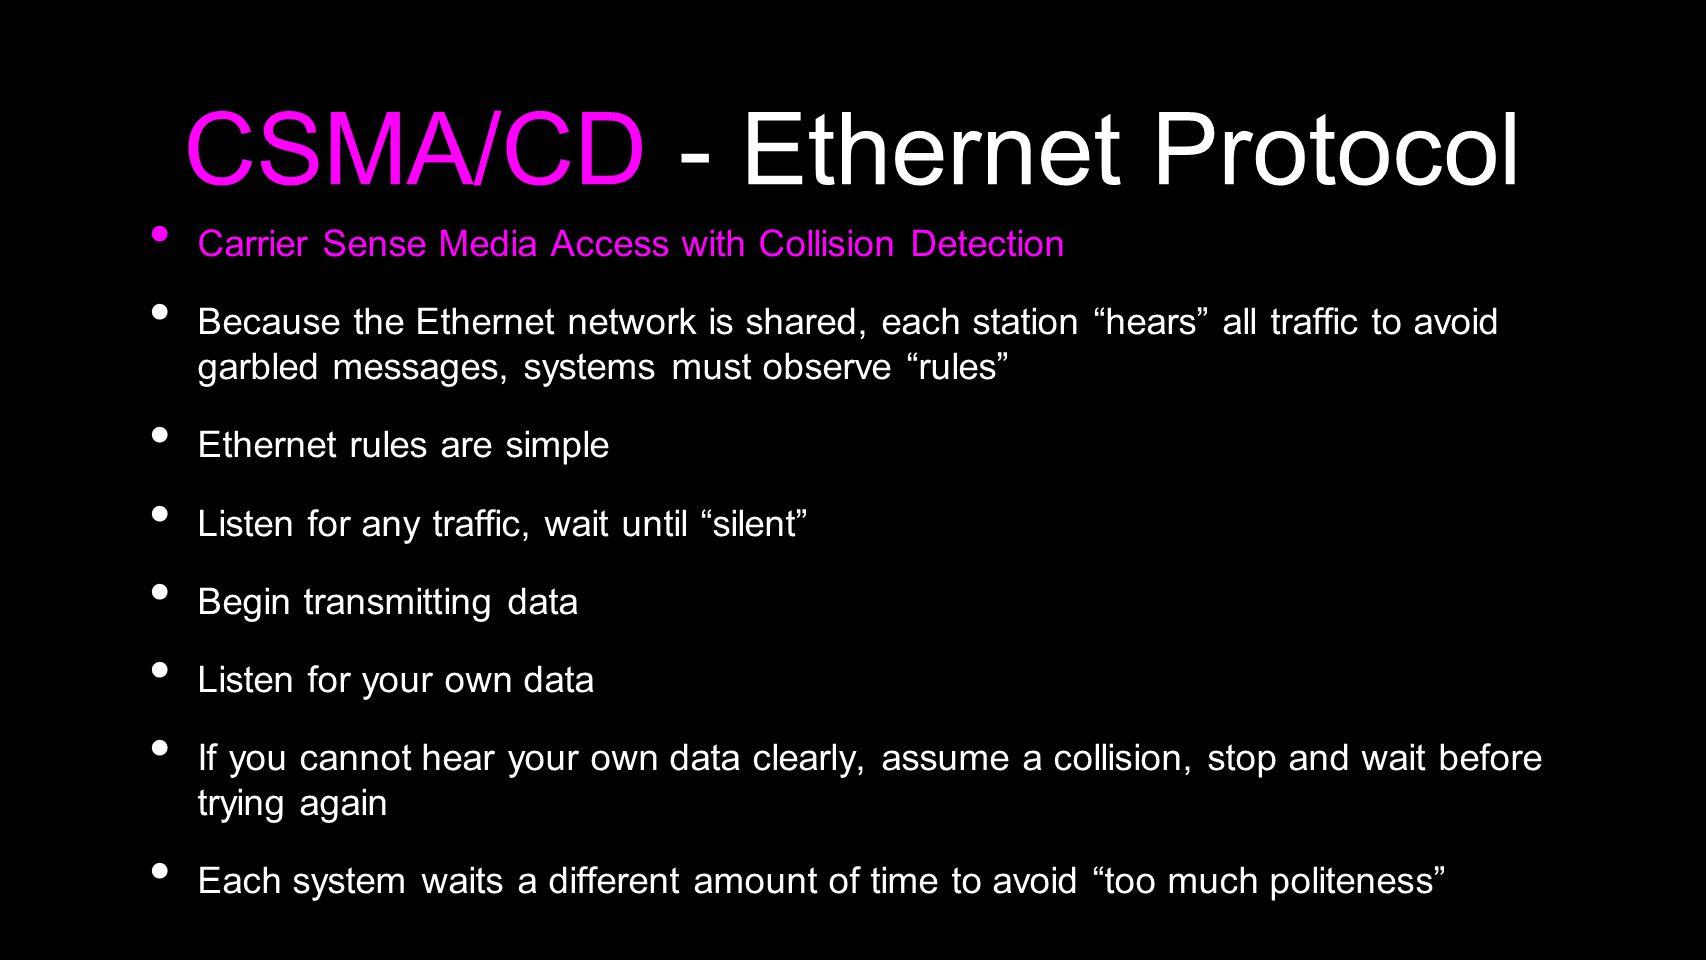 CSMA/CD - Ethernet Protocol